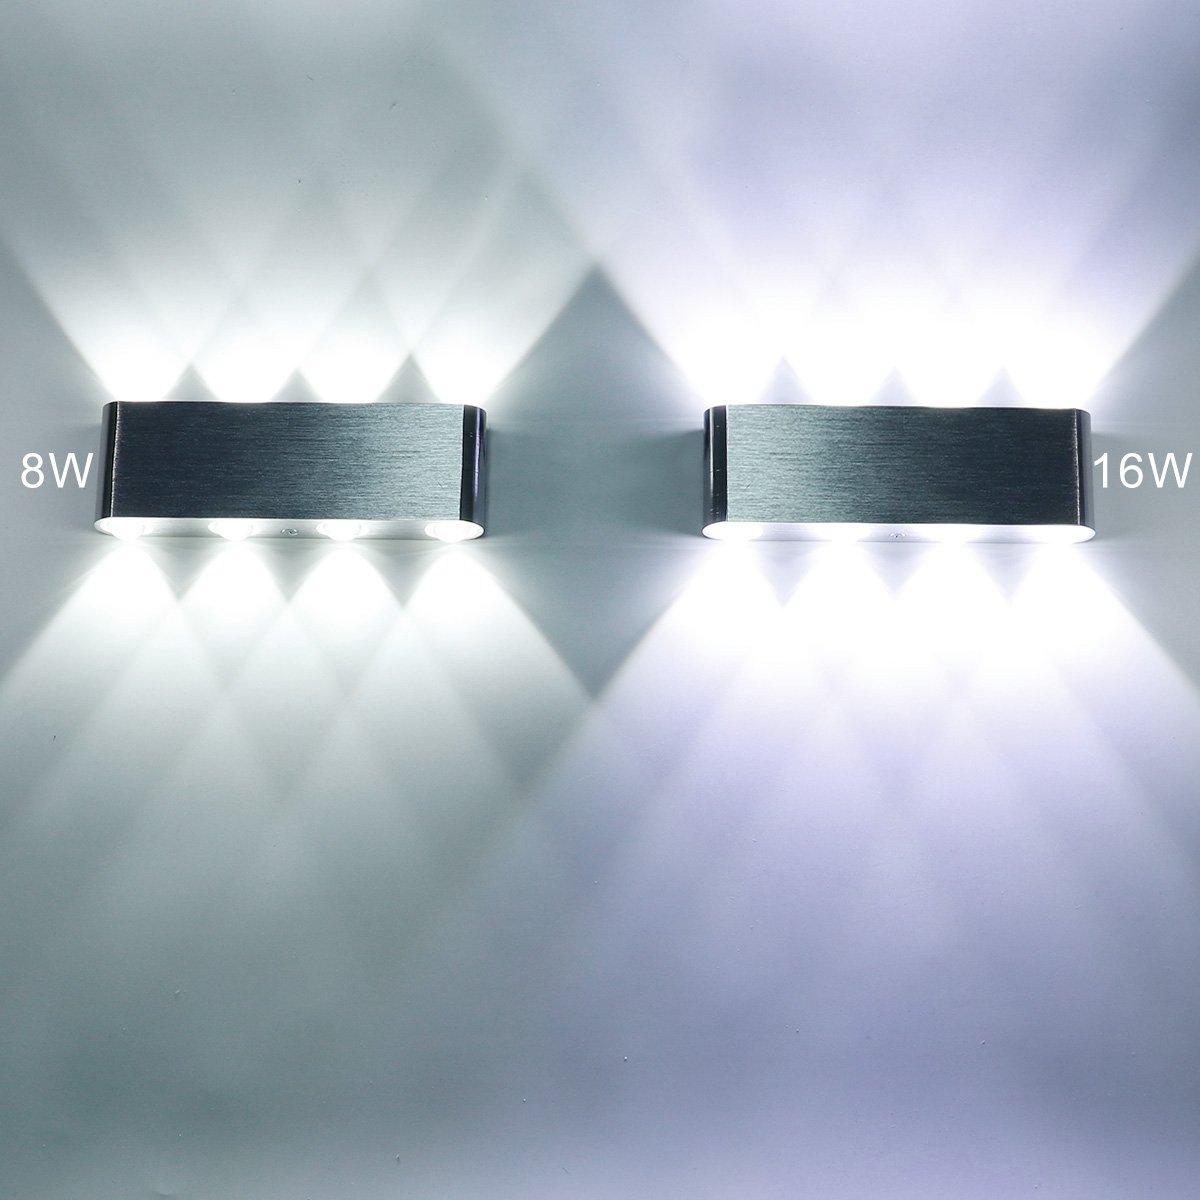 Escaliers Salon Couloir 6W Blanc LED KTV KAWELL Moderne Applique Murale LED Lampe Murale Up Down Alliage Daluminium Int/érieur pour Chambre /à Coucher